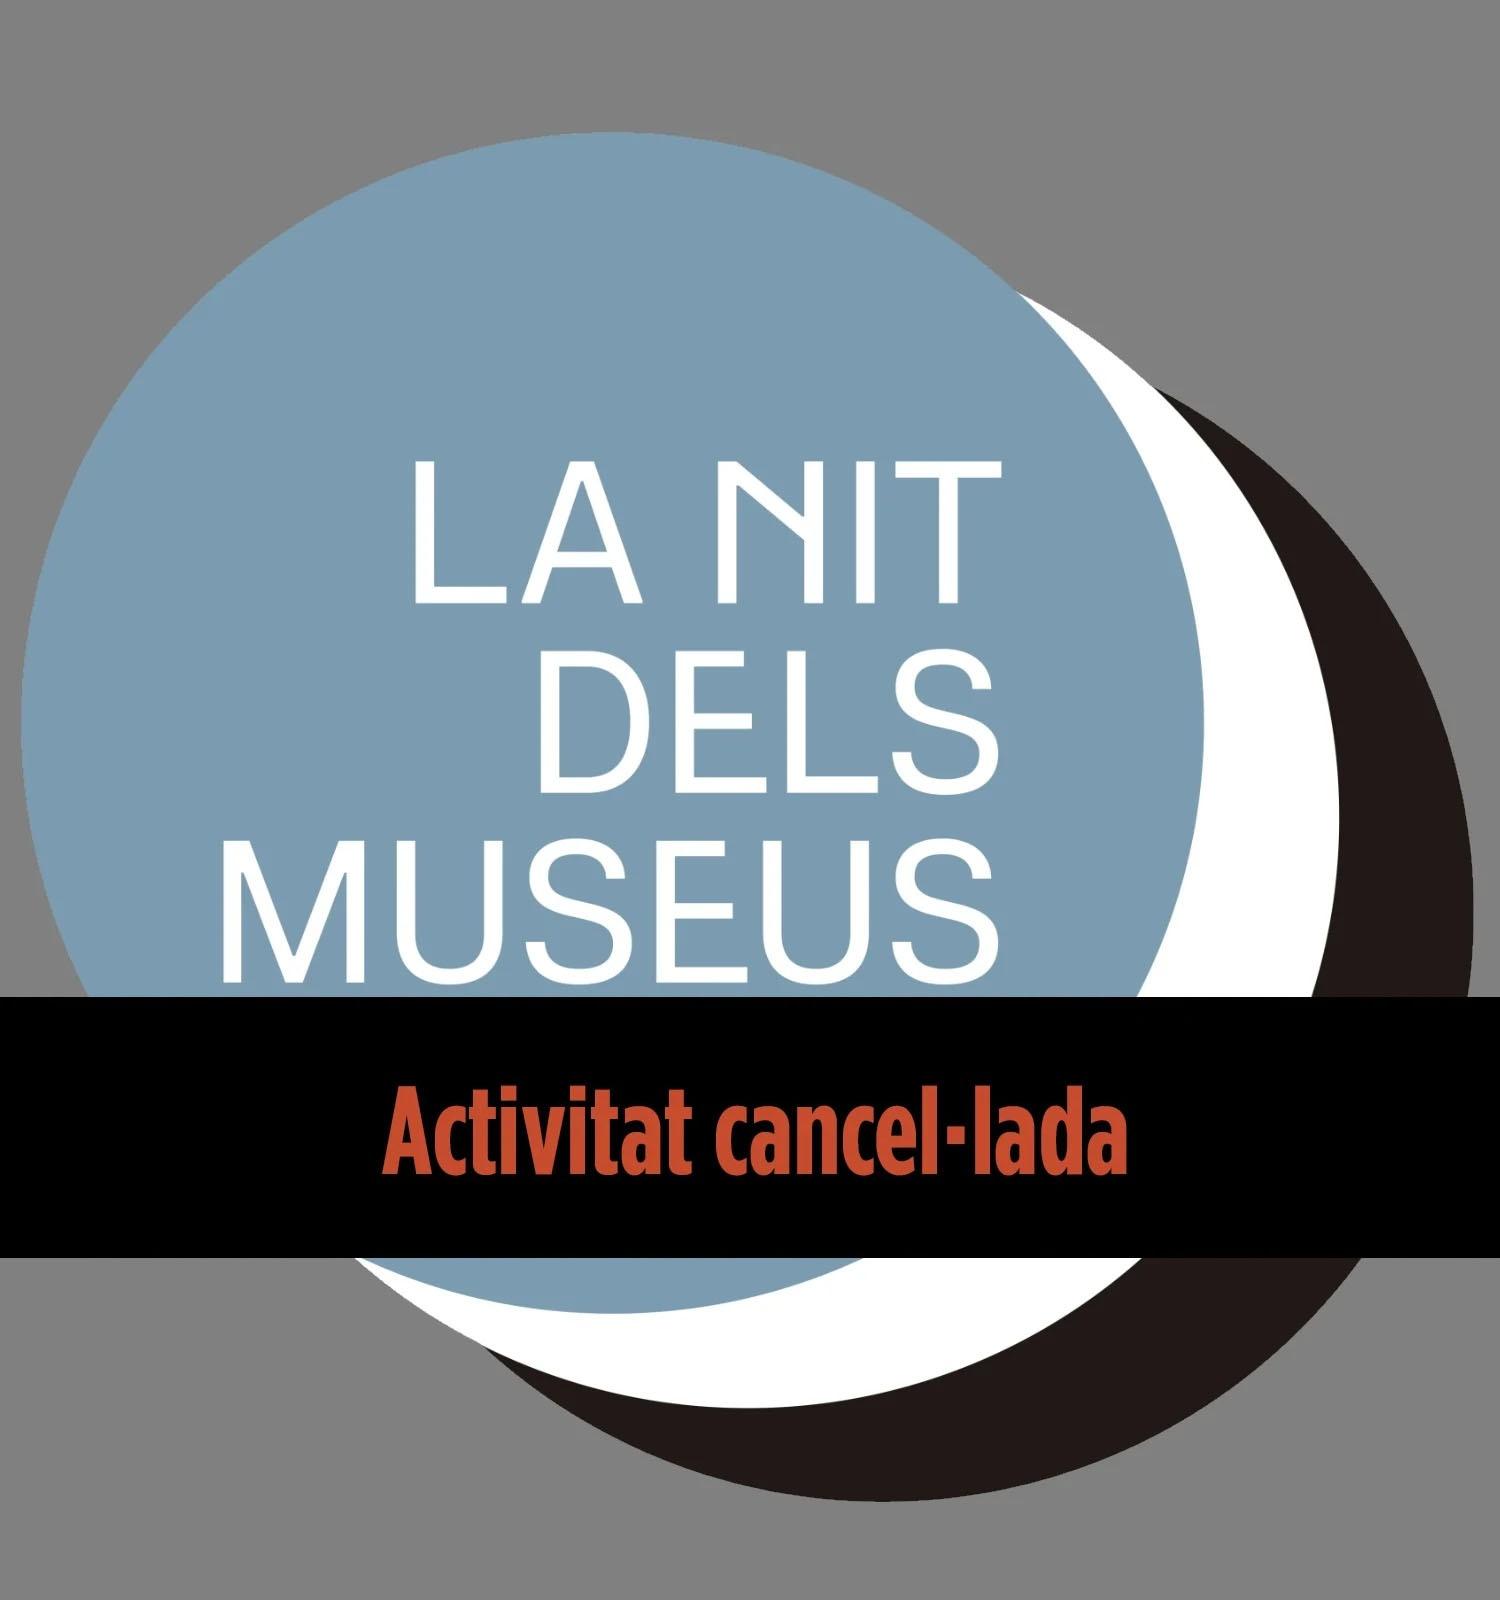 La Nit dels Museus 2020 | Cancel·lada